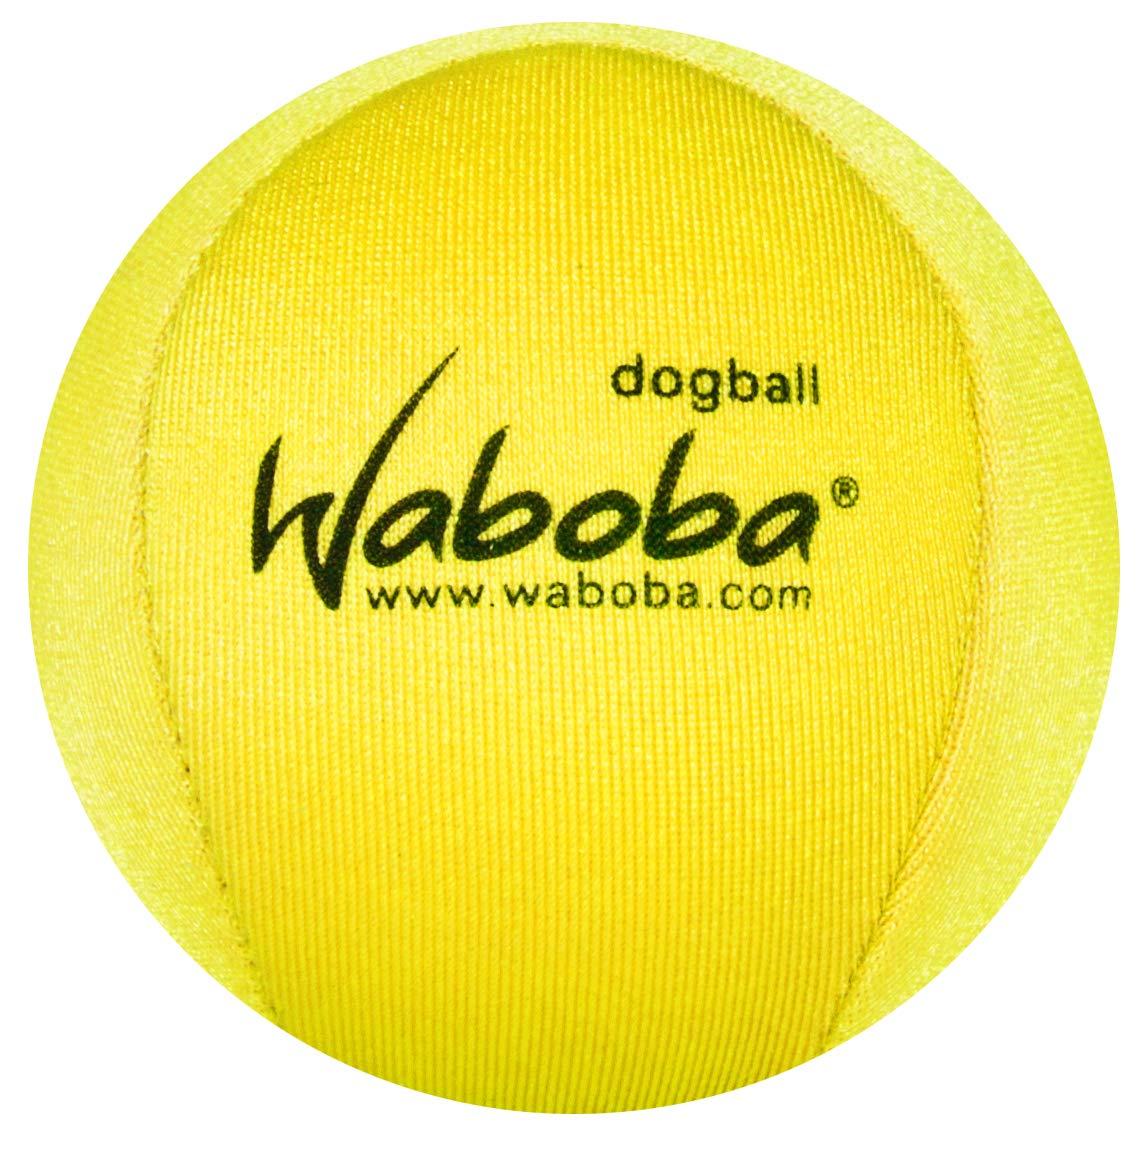 Waboba Fetch ball – Αναπηδά στο νερό! Τέλεια για παιχνίδι Fetch στη θάλασσα, την λίμνη ή το ποτάμι.